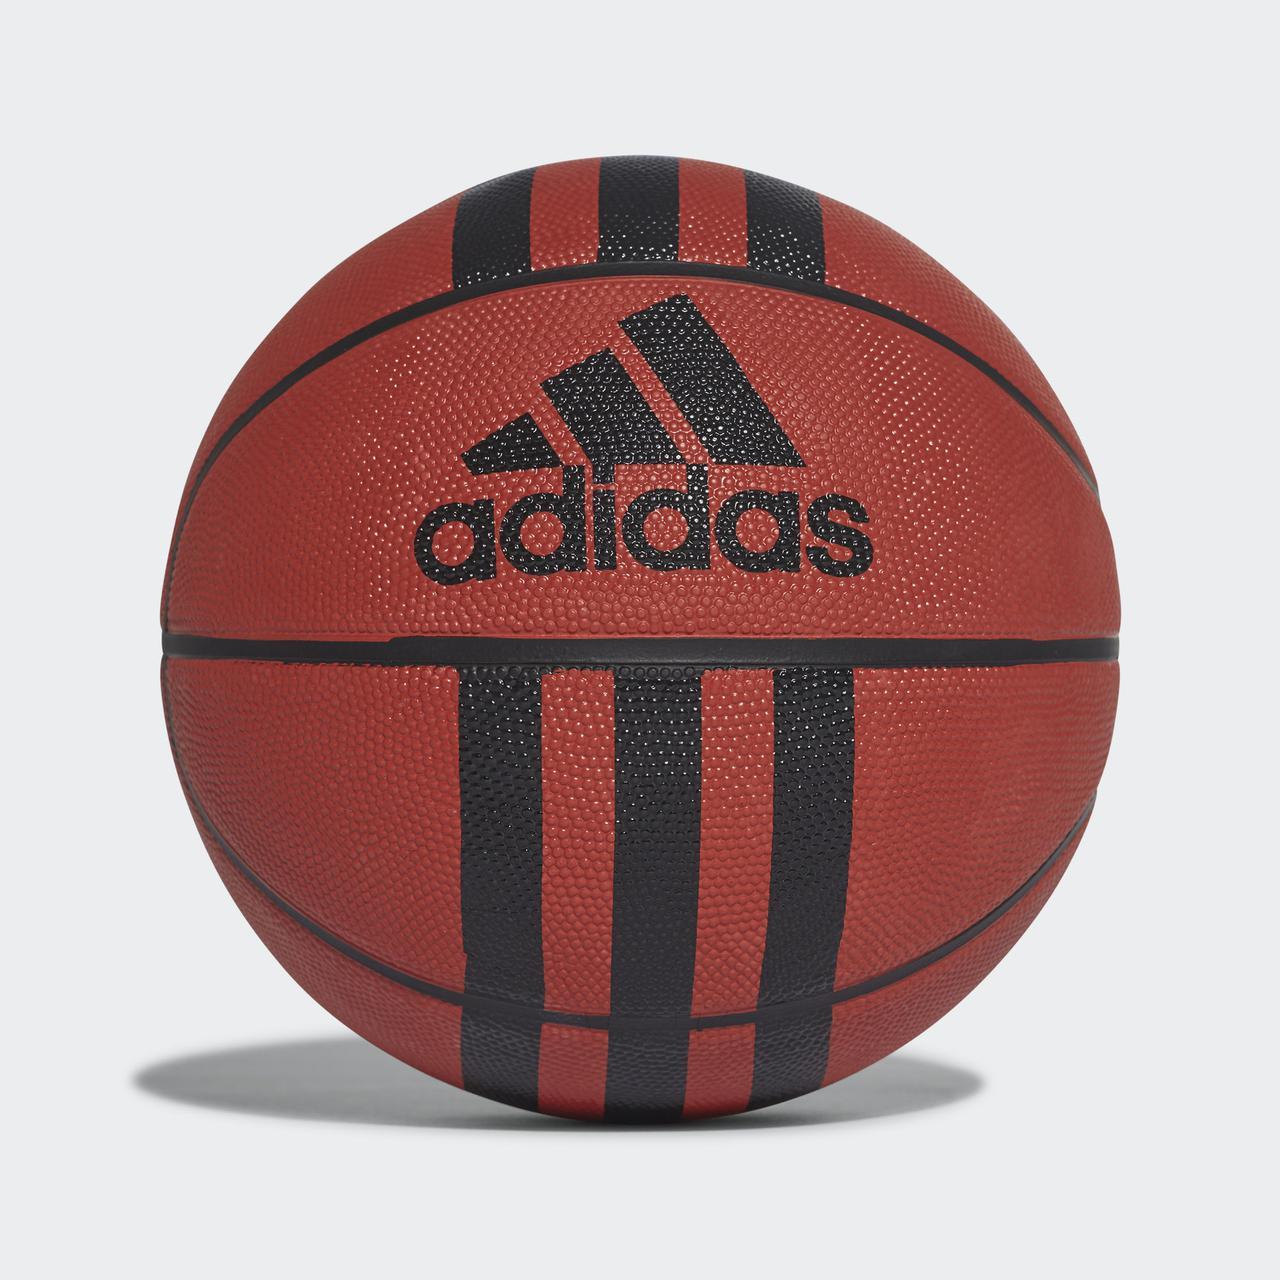 Баскетбольный мяч D 29.5